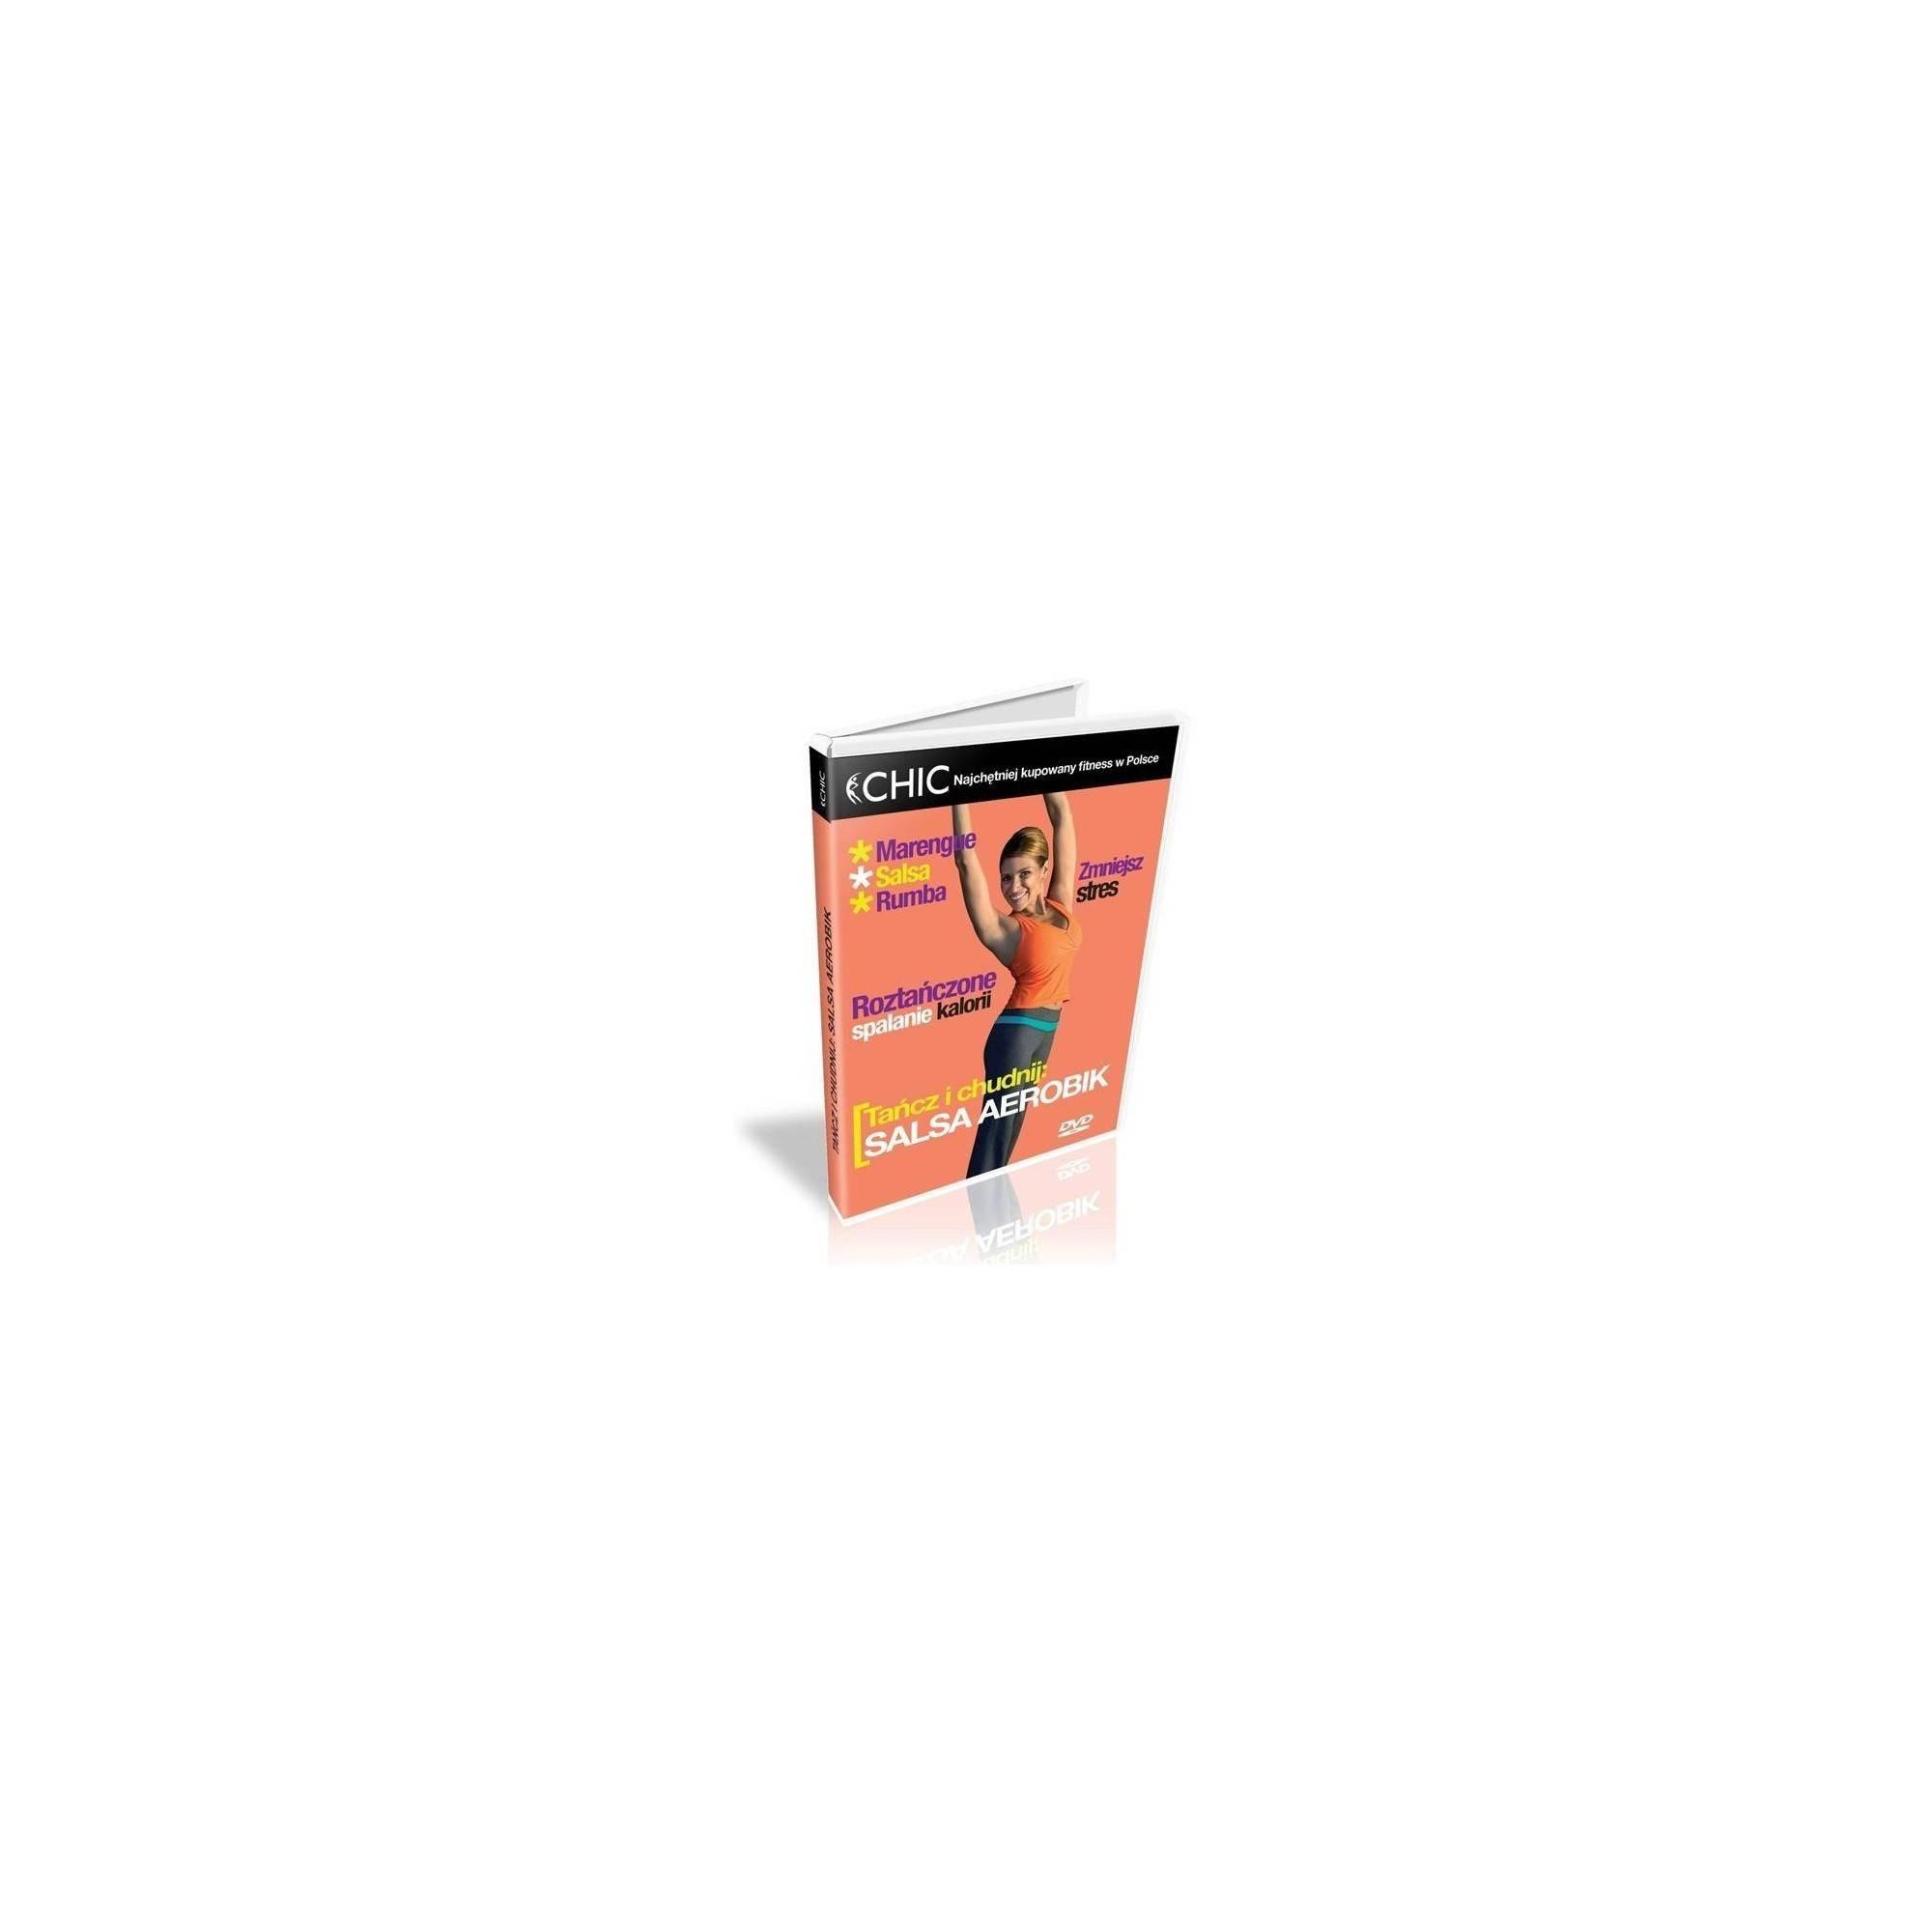 Ćwiczenia instruktażowe DVD Tańcz i Chudnij: Salsa Aerobik,producent: MayFly, photo: 1